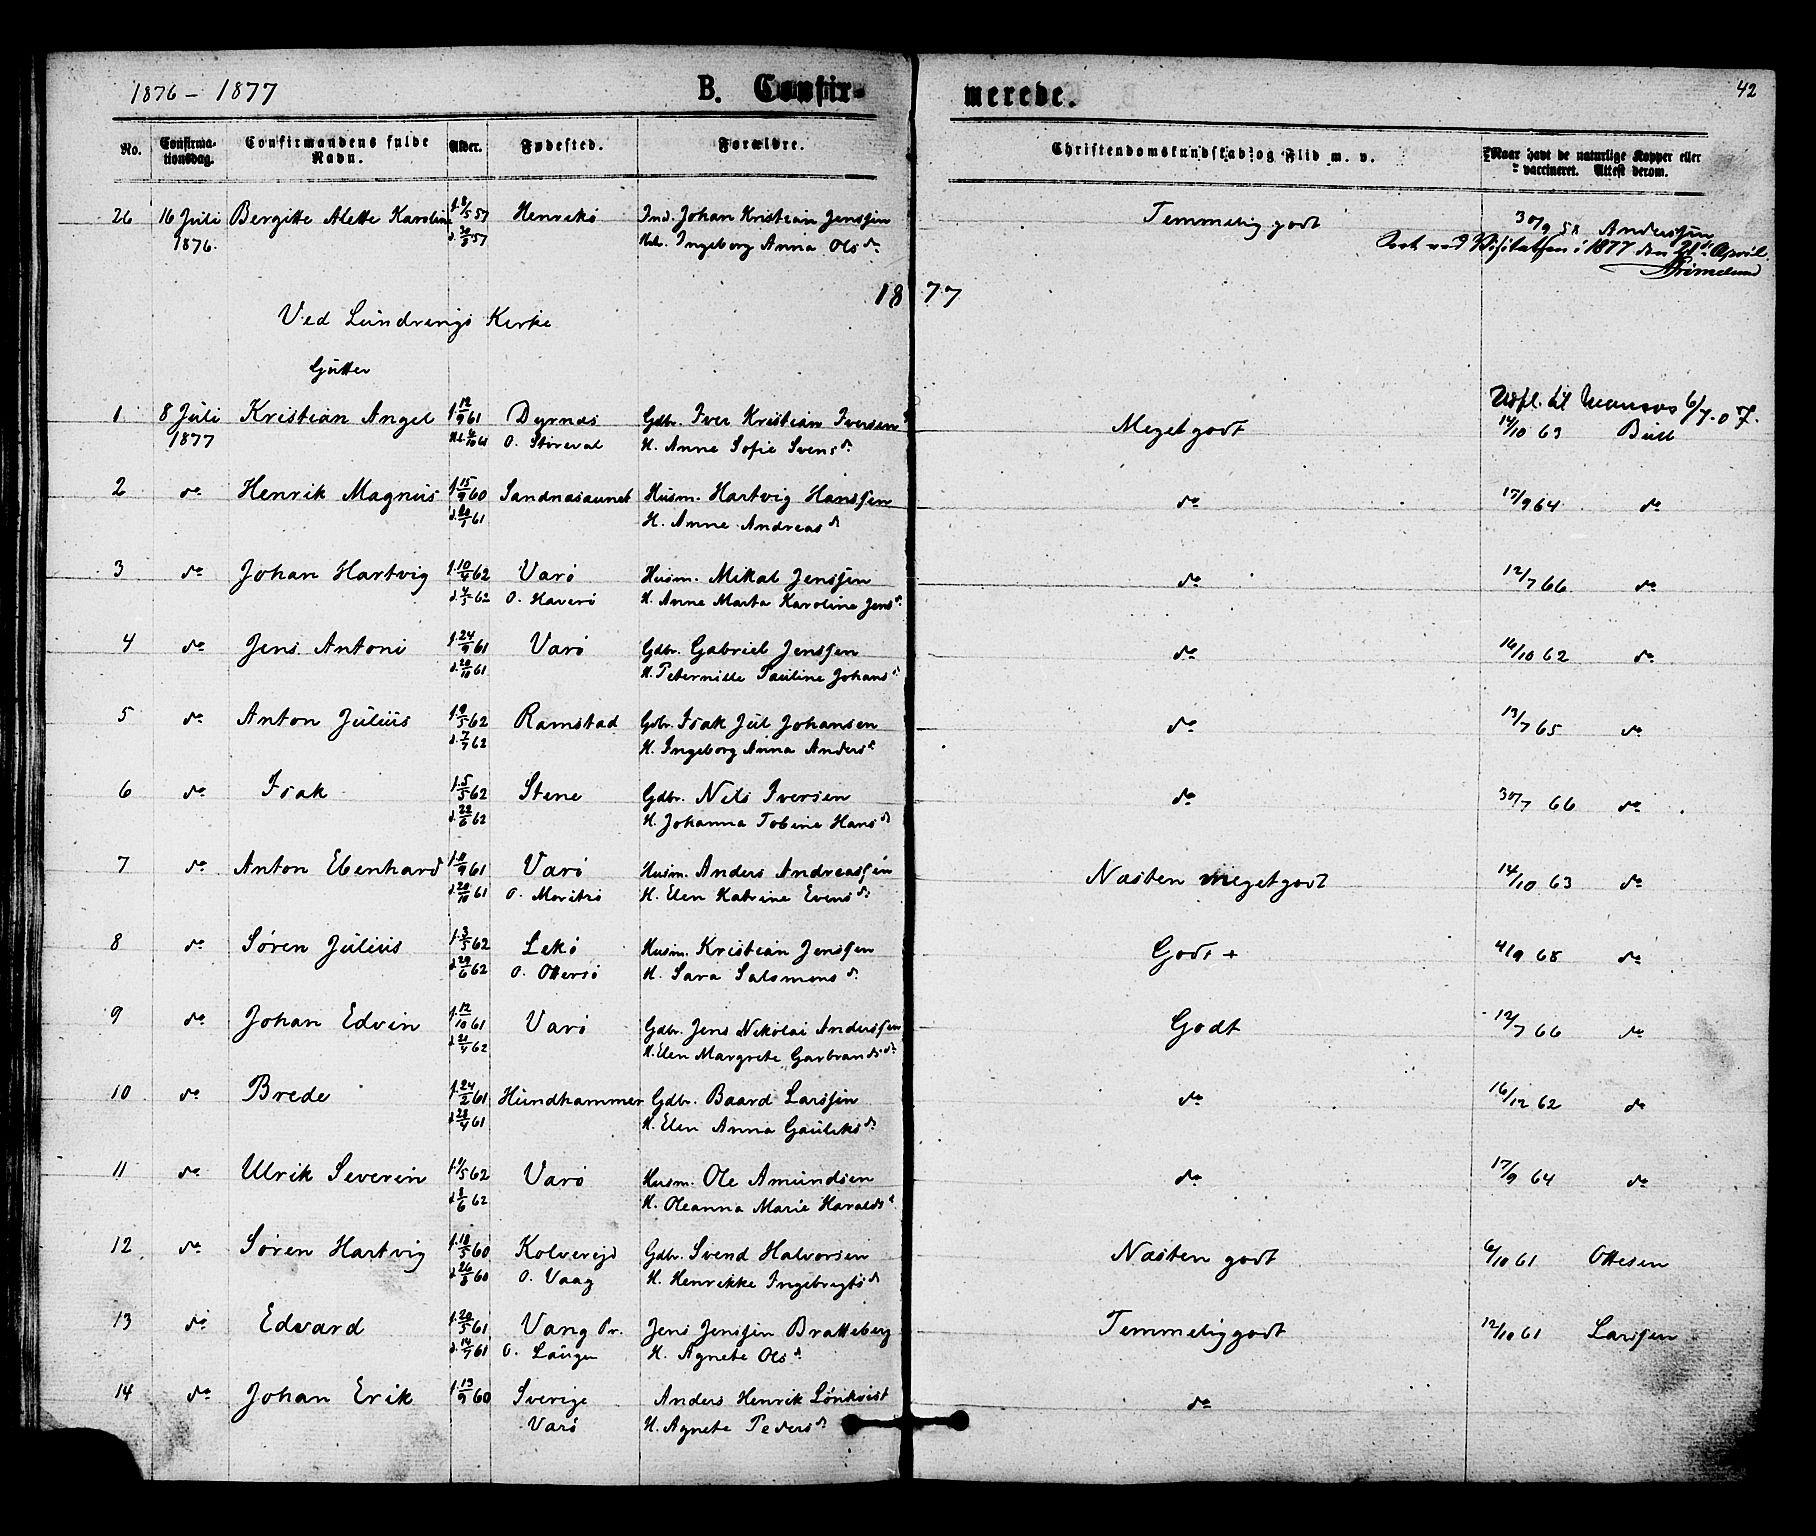 SAT, Ministerialprotokoller, klokkerbøker og fødselsregistre - Nord-Trøndelag, 784/L0671: Ministerialbok nr. 784A06, 1876-1879, s. 42